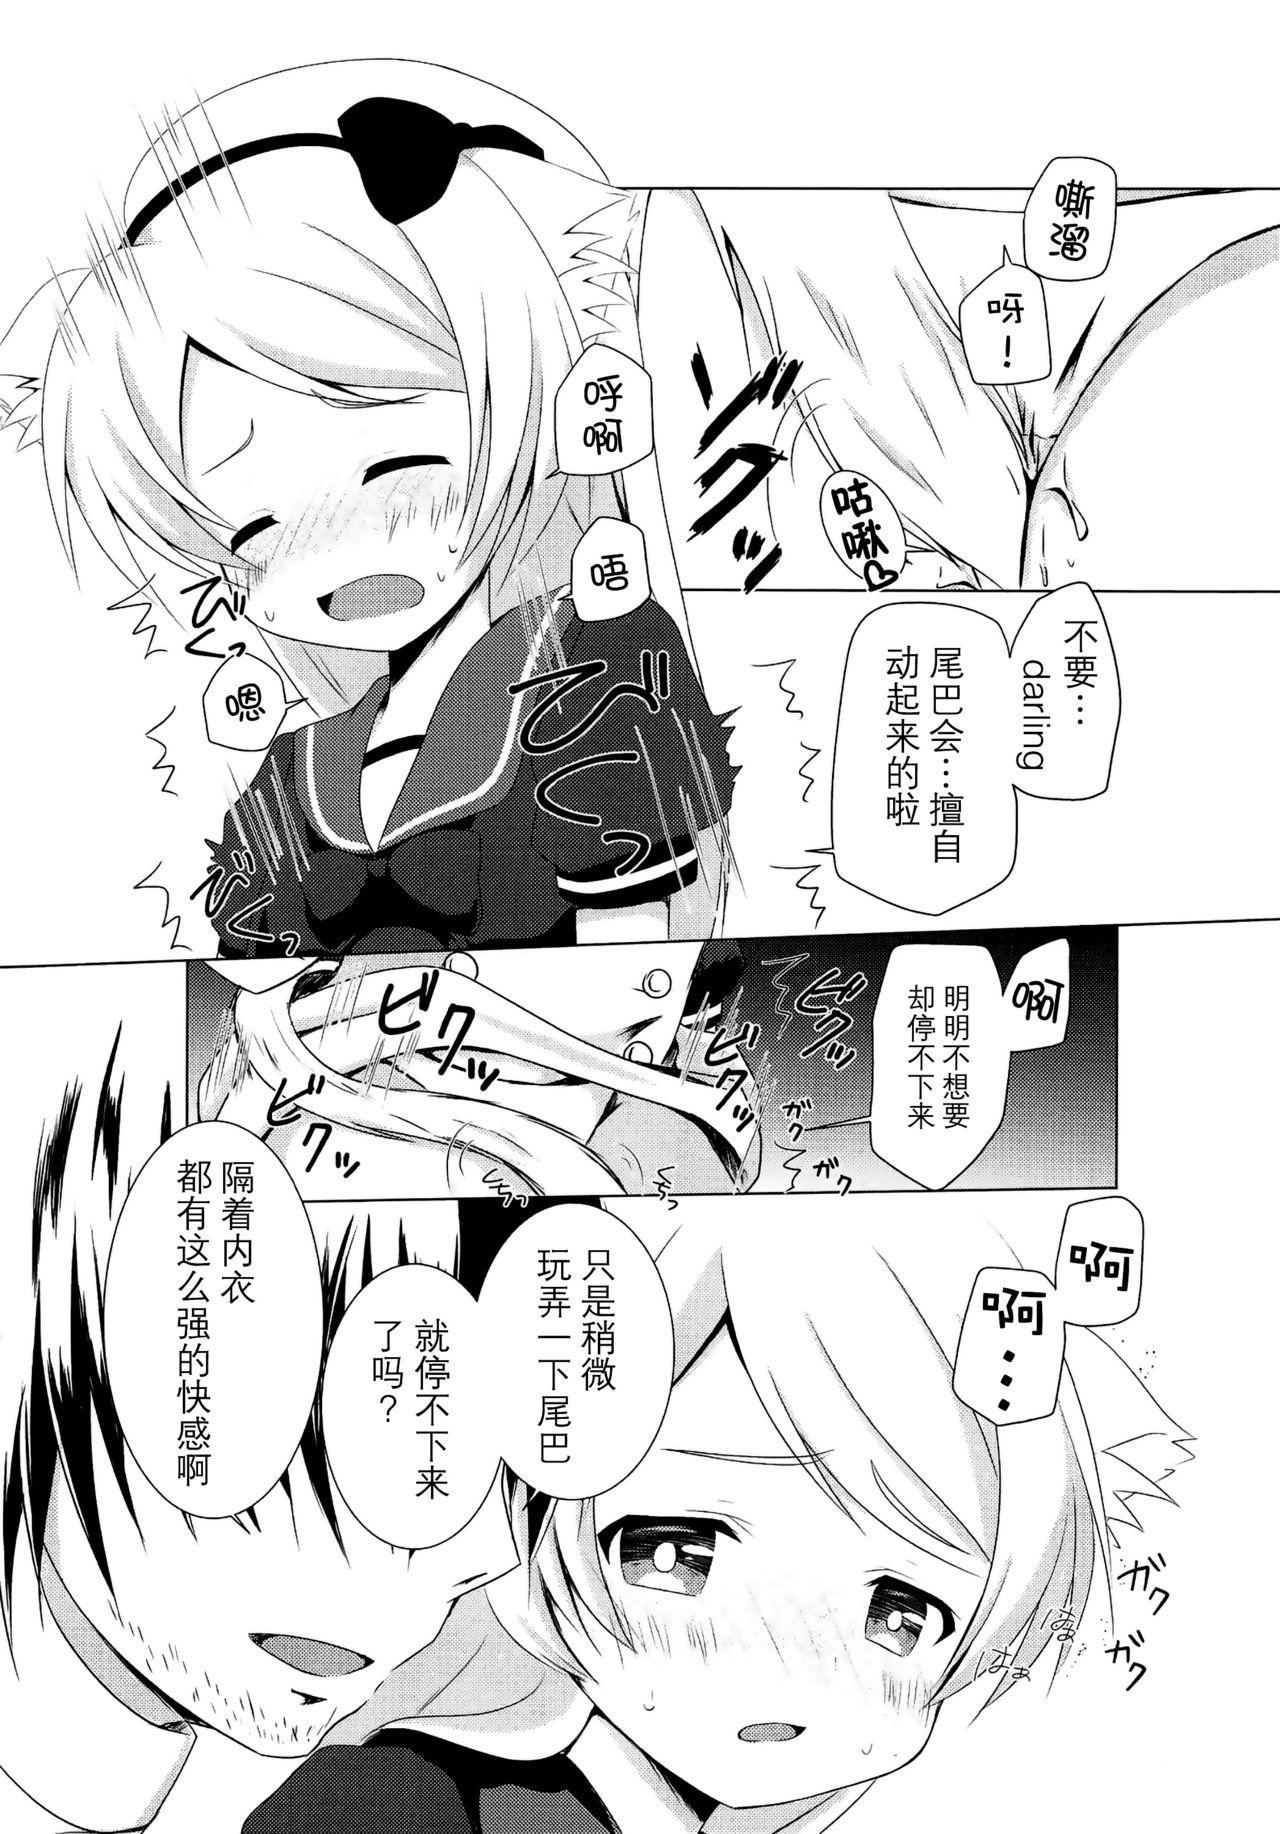 Nekomimi-ka Suru nante Marude Doujinshi ja Nai ka!!! 9